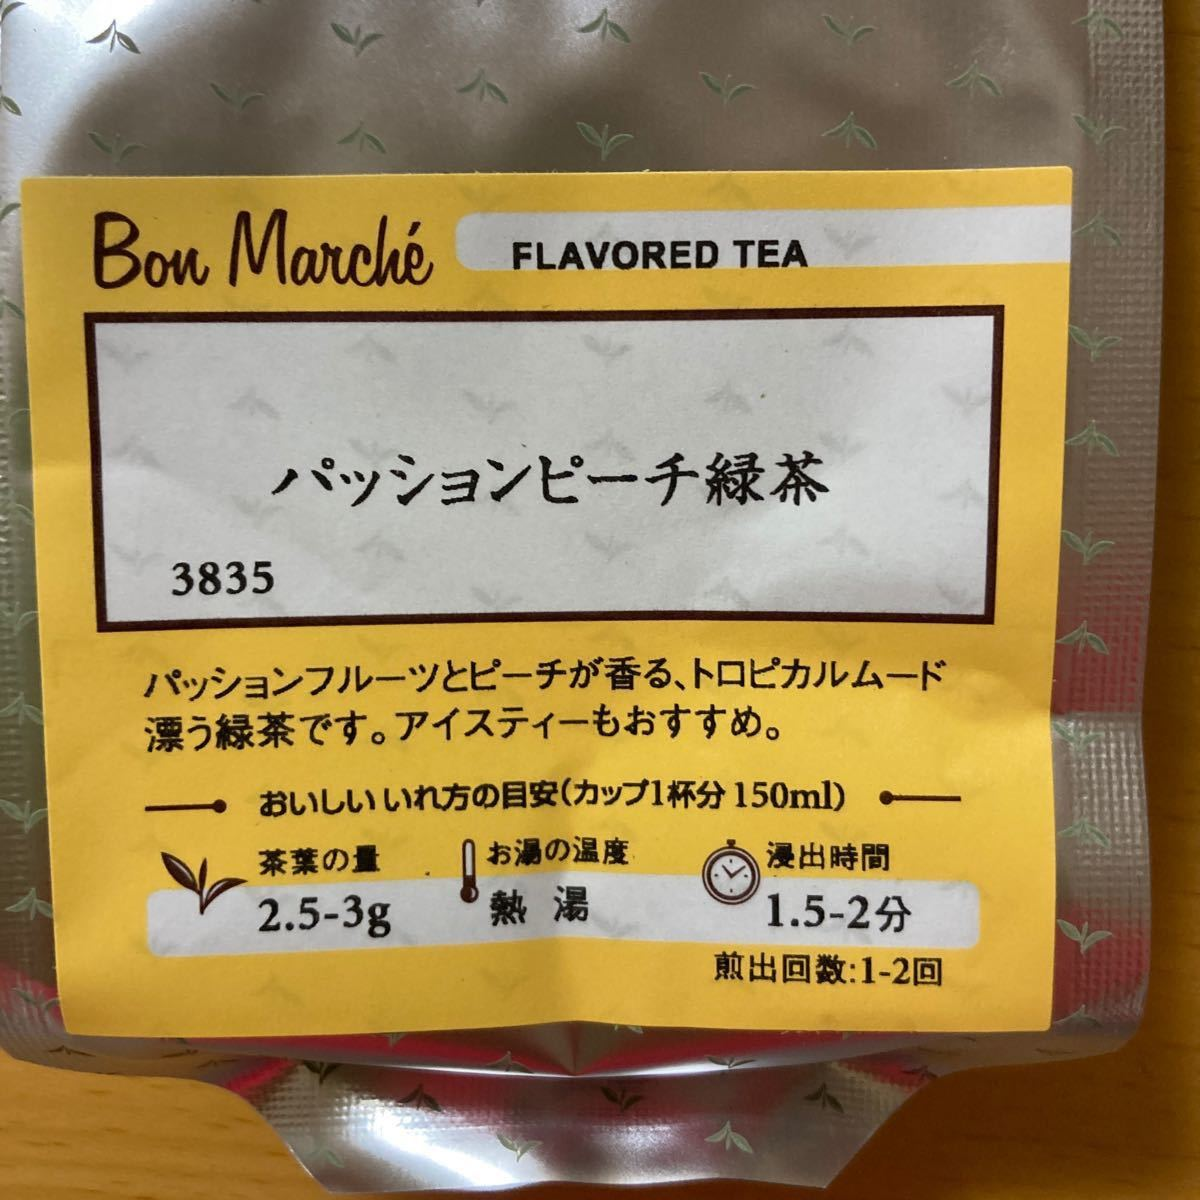 ルピシア 紅茶 フレーバーティー  7種類  サンプル4個おまけ付き